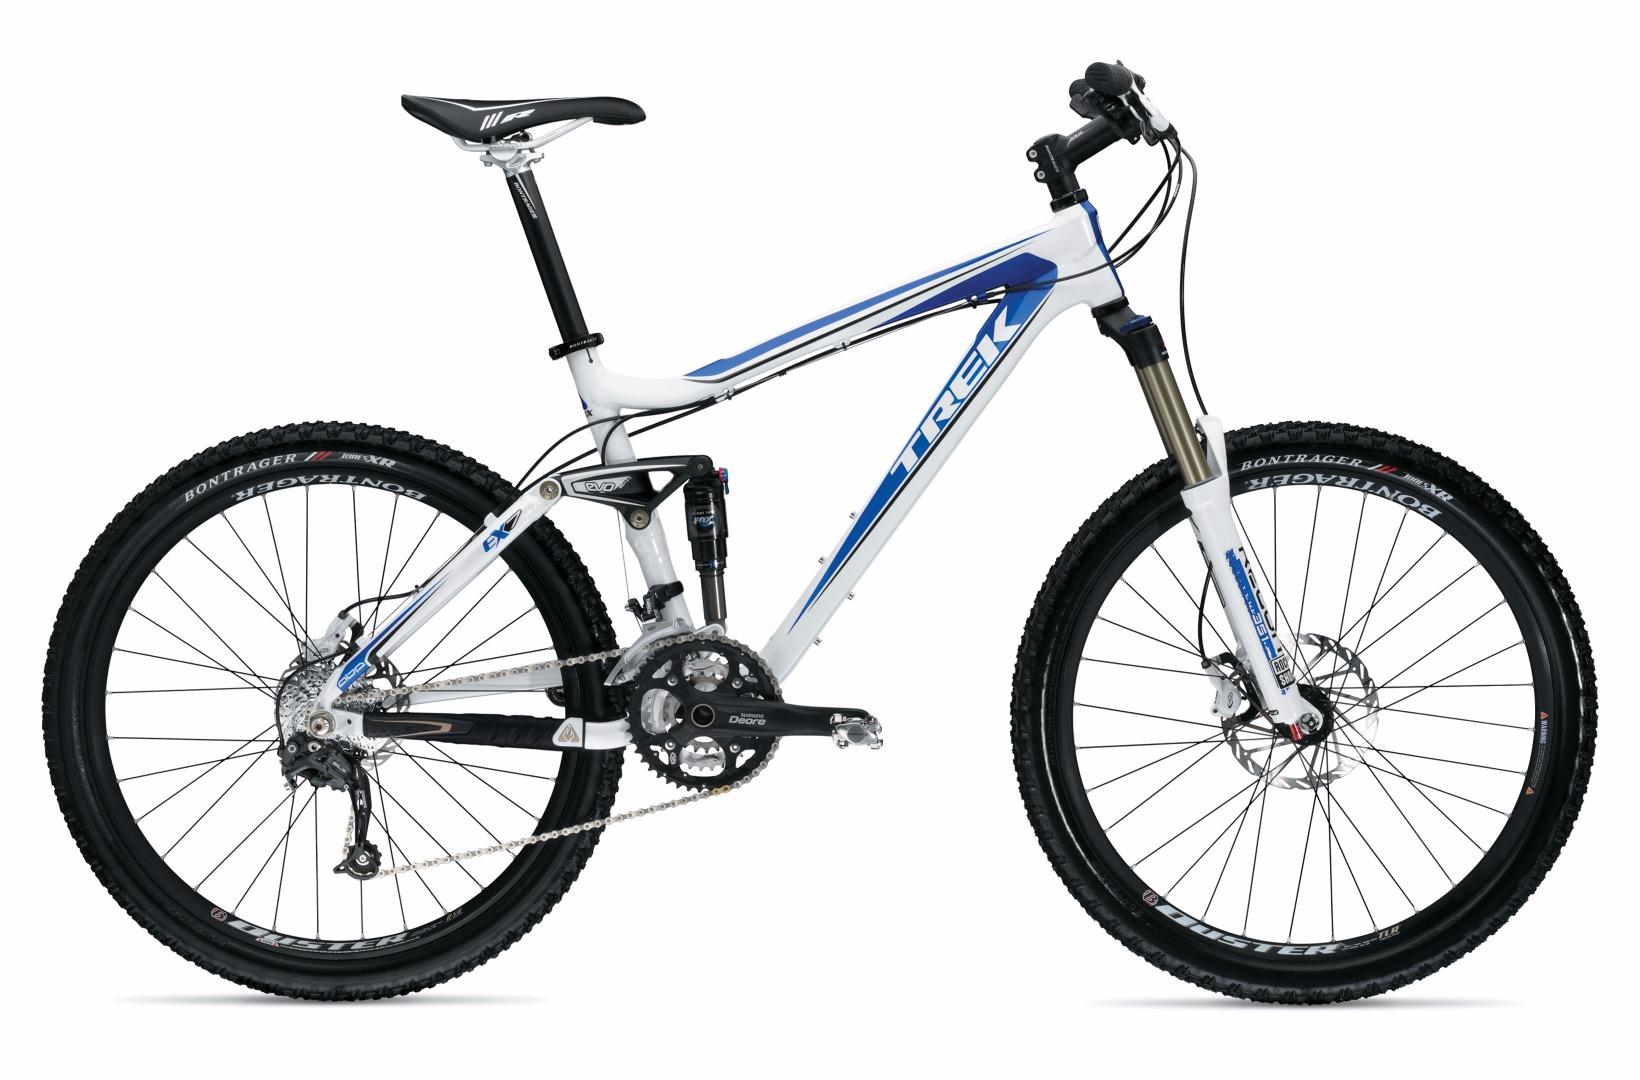 Stolen Trek Fuel EX 7 2009